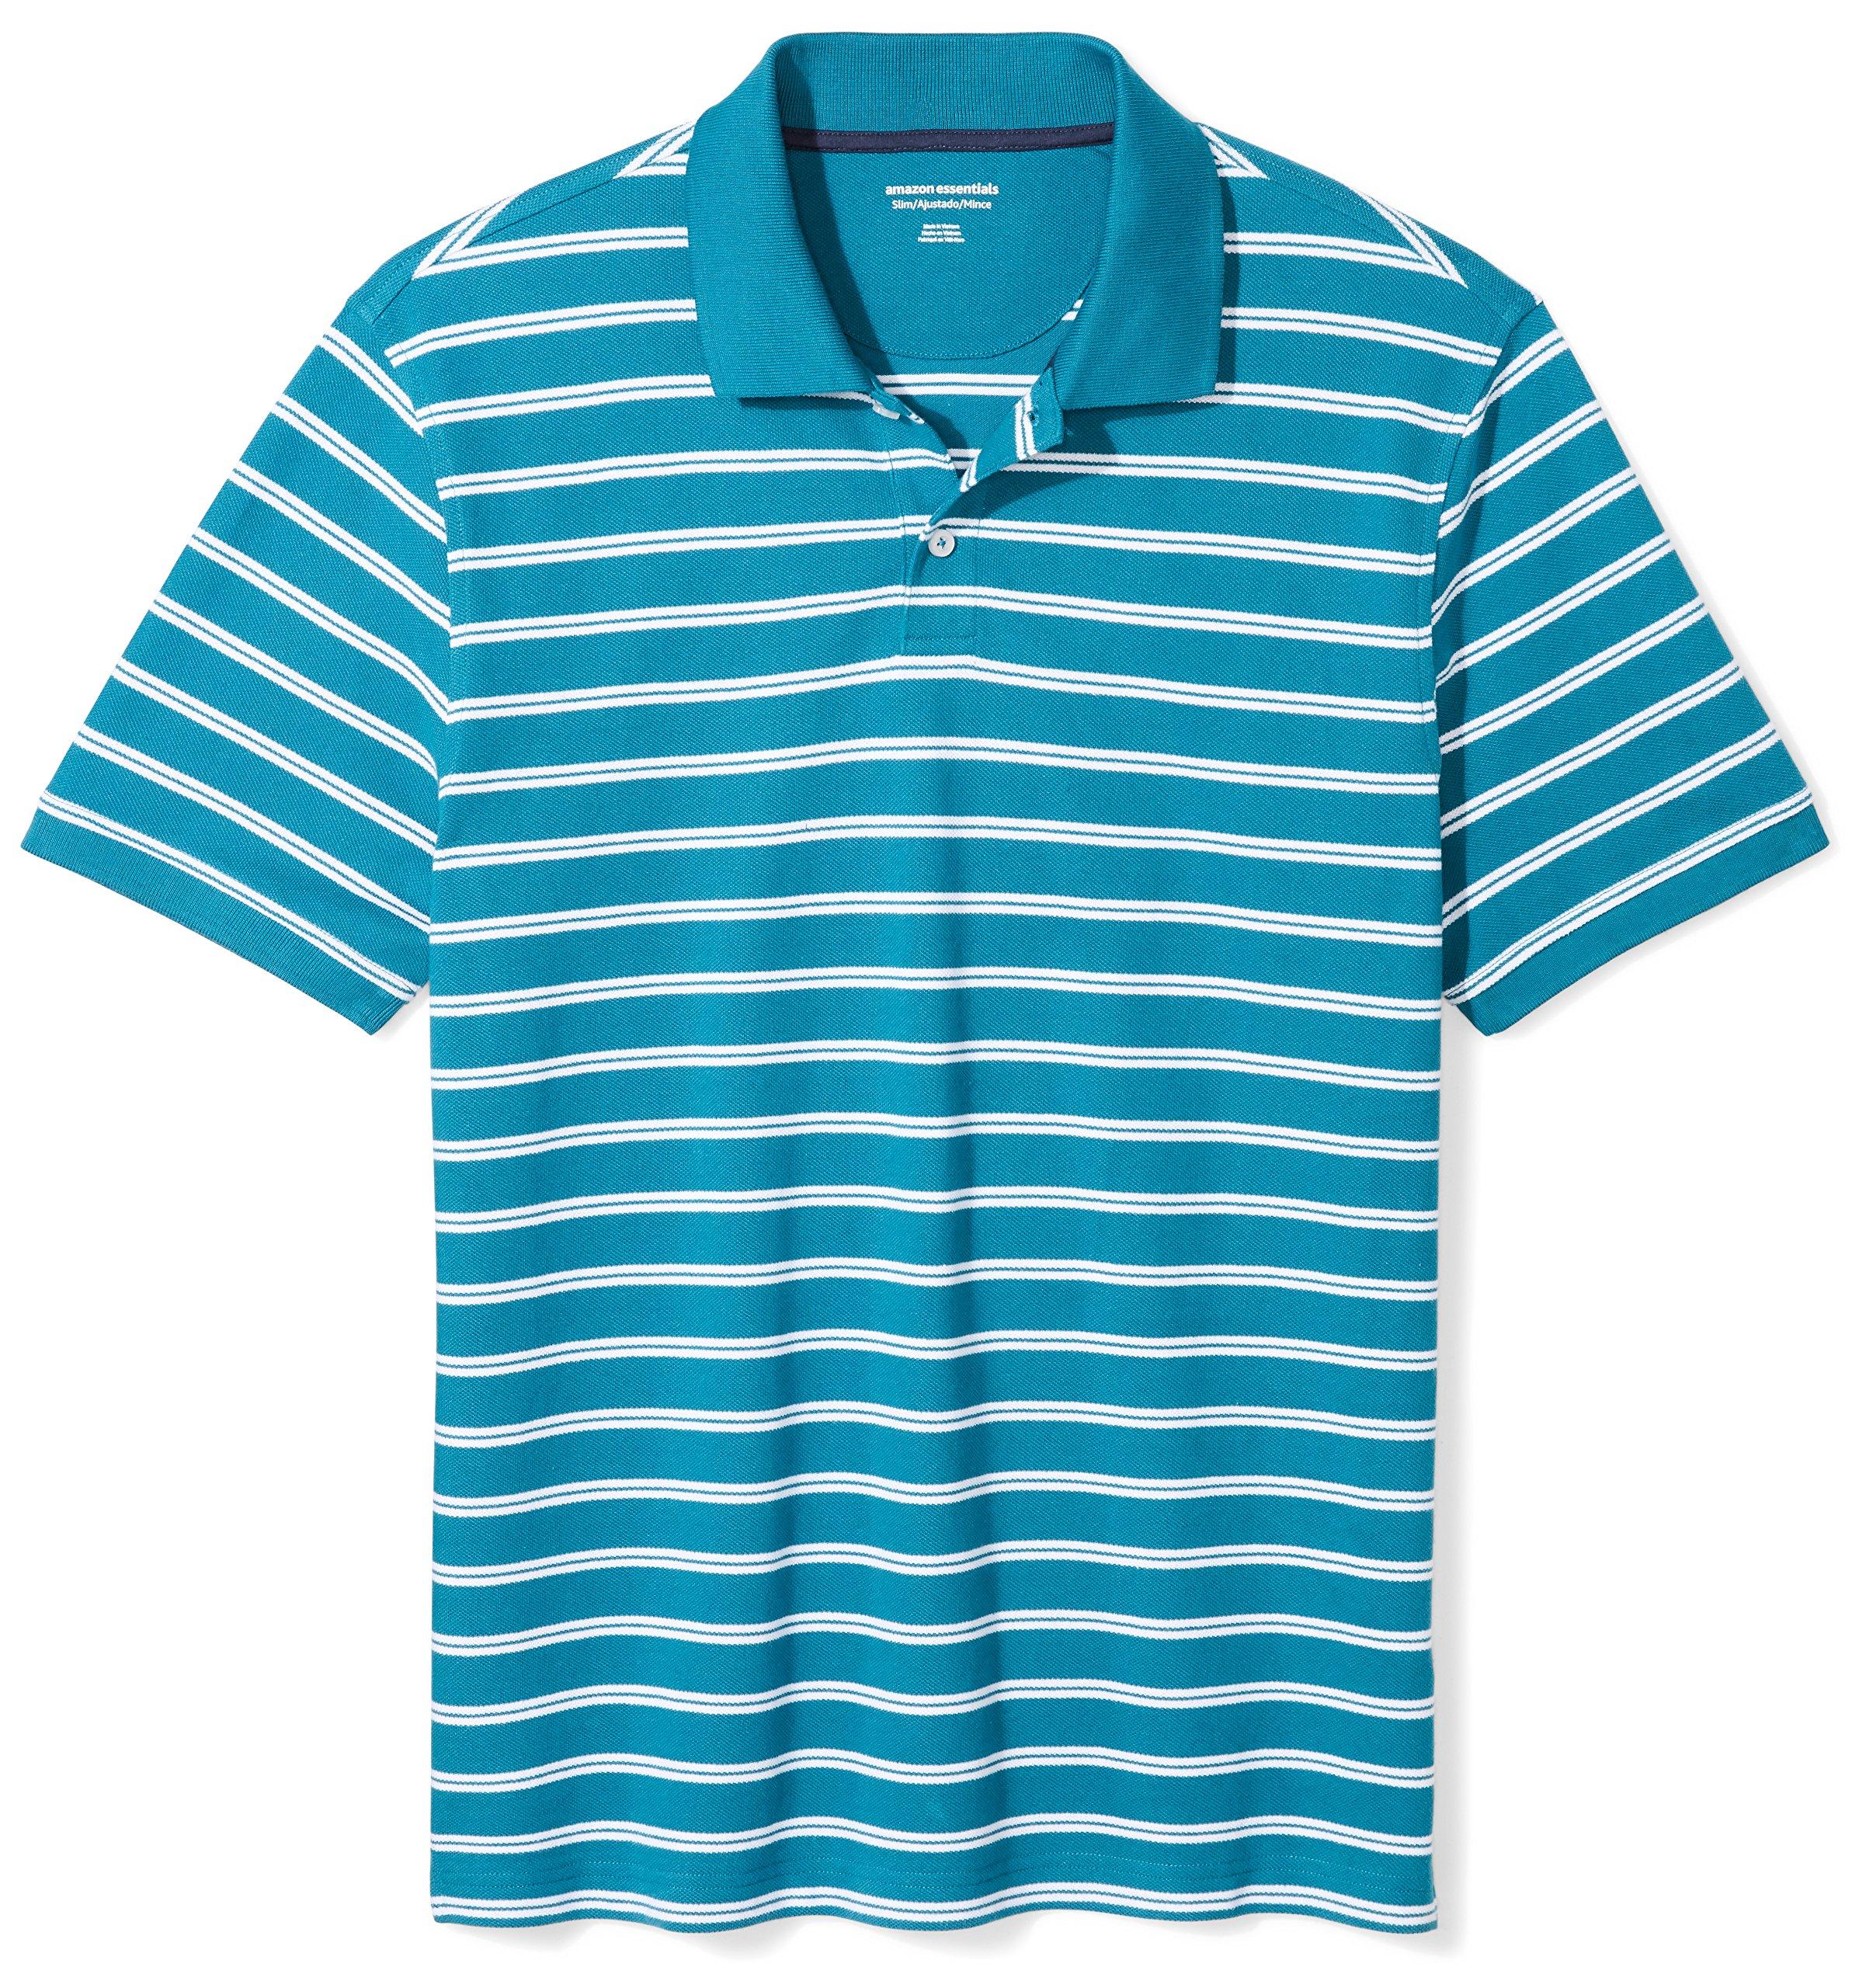 Amazon Essentials Men's Slim-Fit Striped Cotton Pique Polo Shirt, Teal Stripe, XX-Large